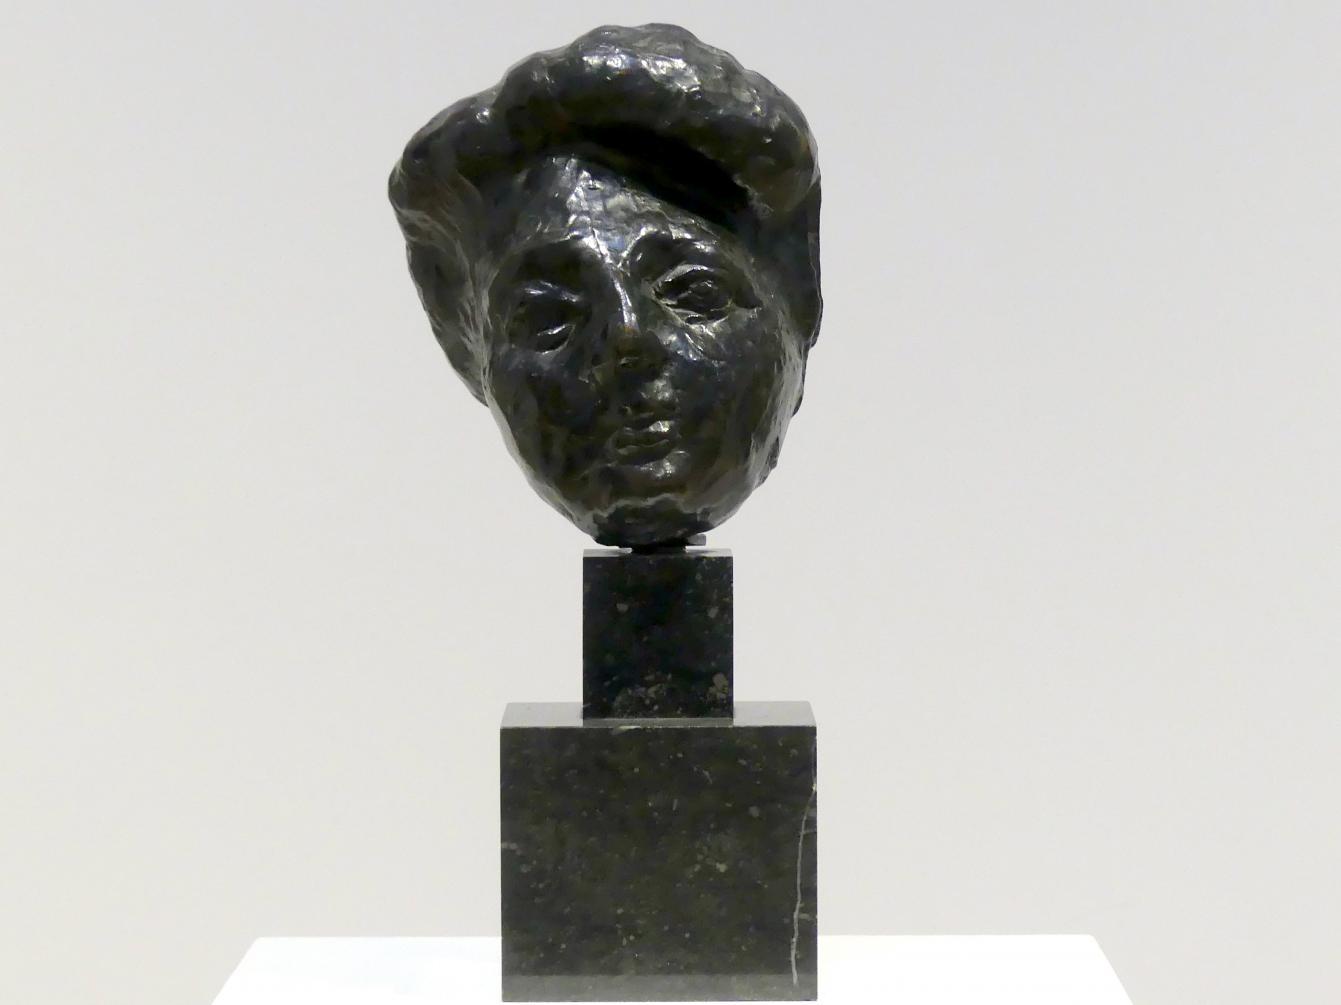 Henri Matisse: Jeannette II, 1910